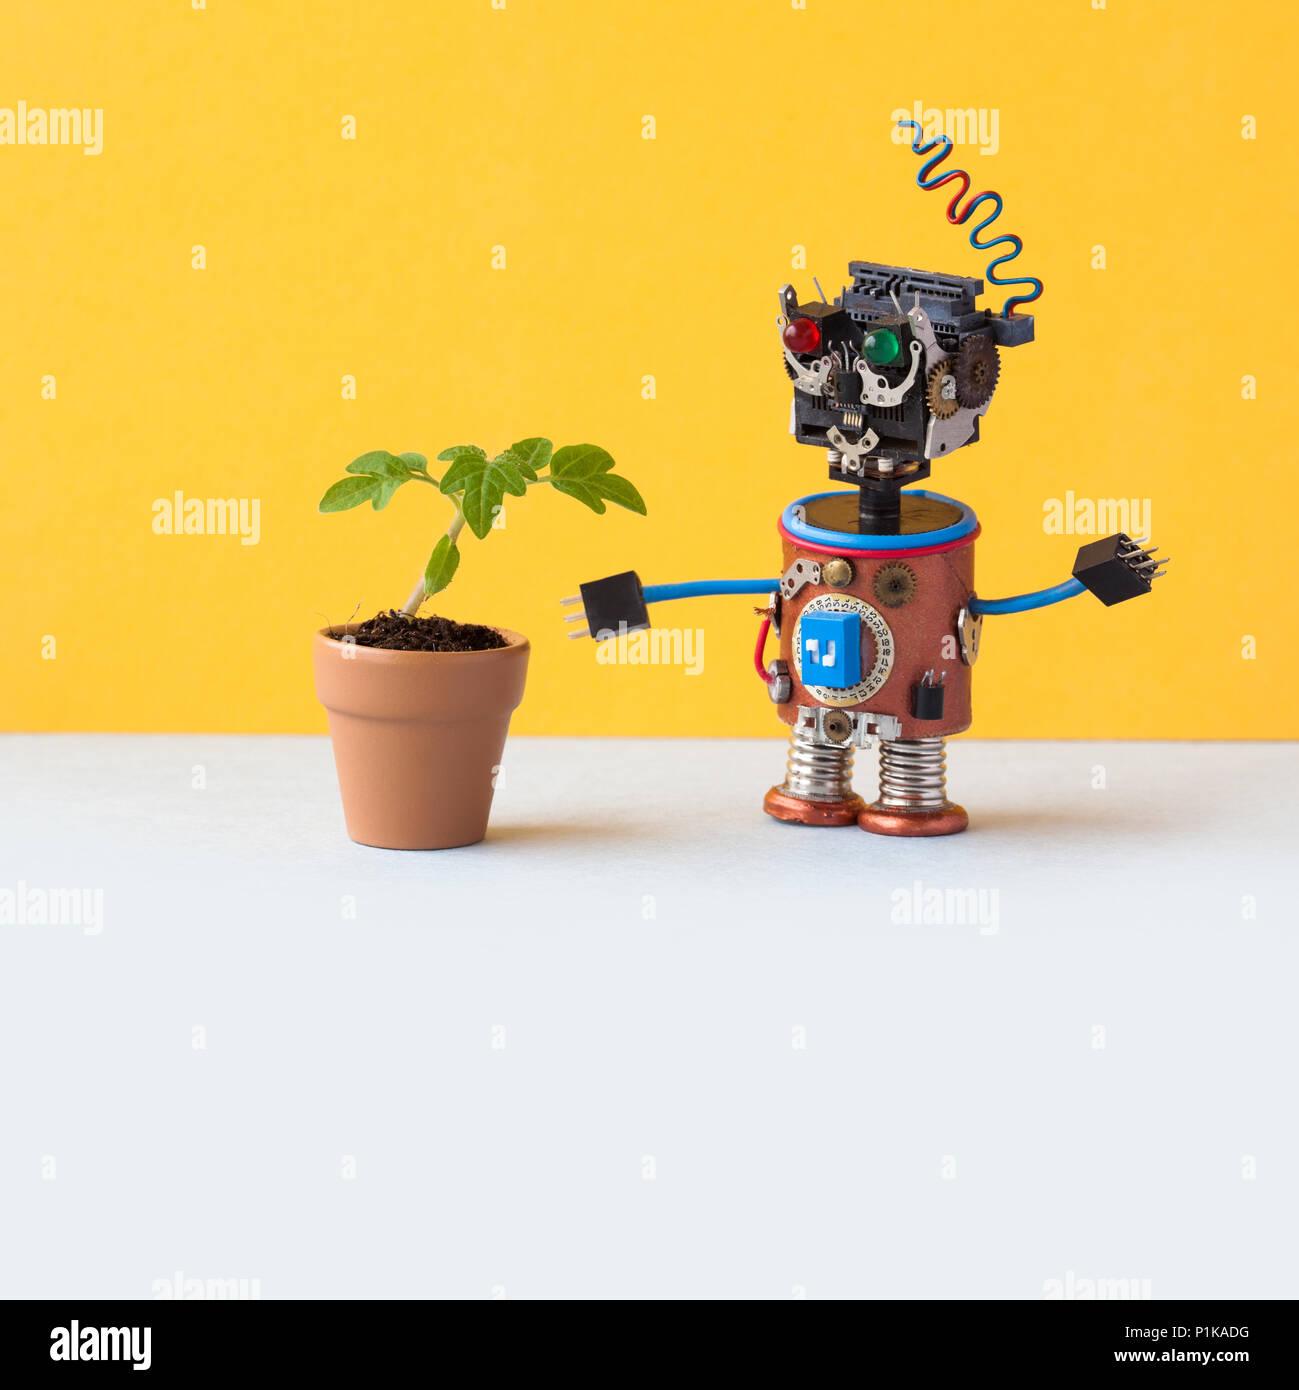 Il Robot esplora un soggiorno pianta verde in un fiore pentola di creta. Intelligenza artificiale contro la vita organica vegetale. Parete gialla sfondo, pavimento bianco. Copia dello spazio. Immagini Stock